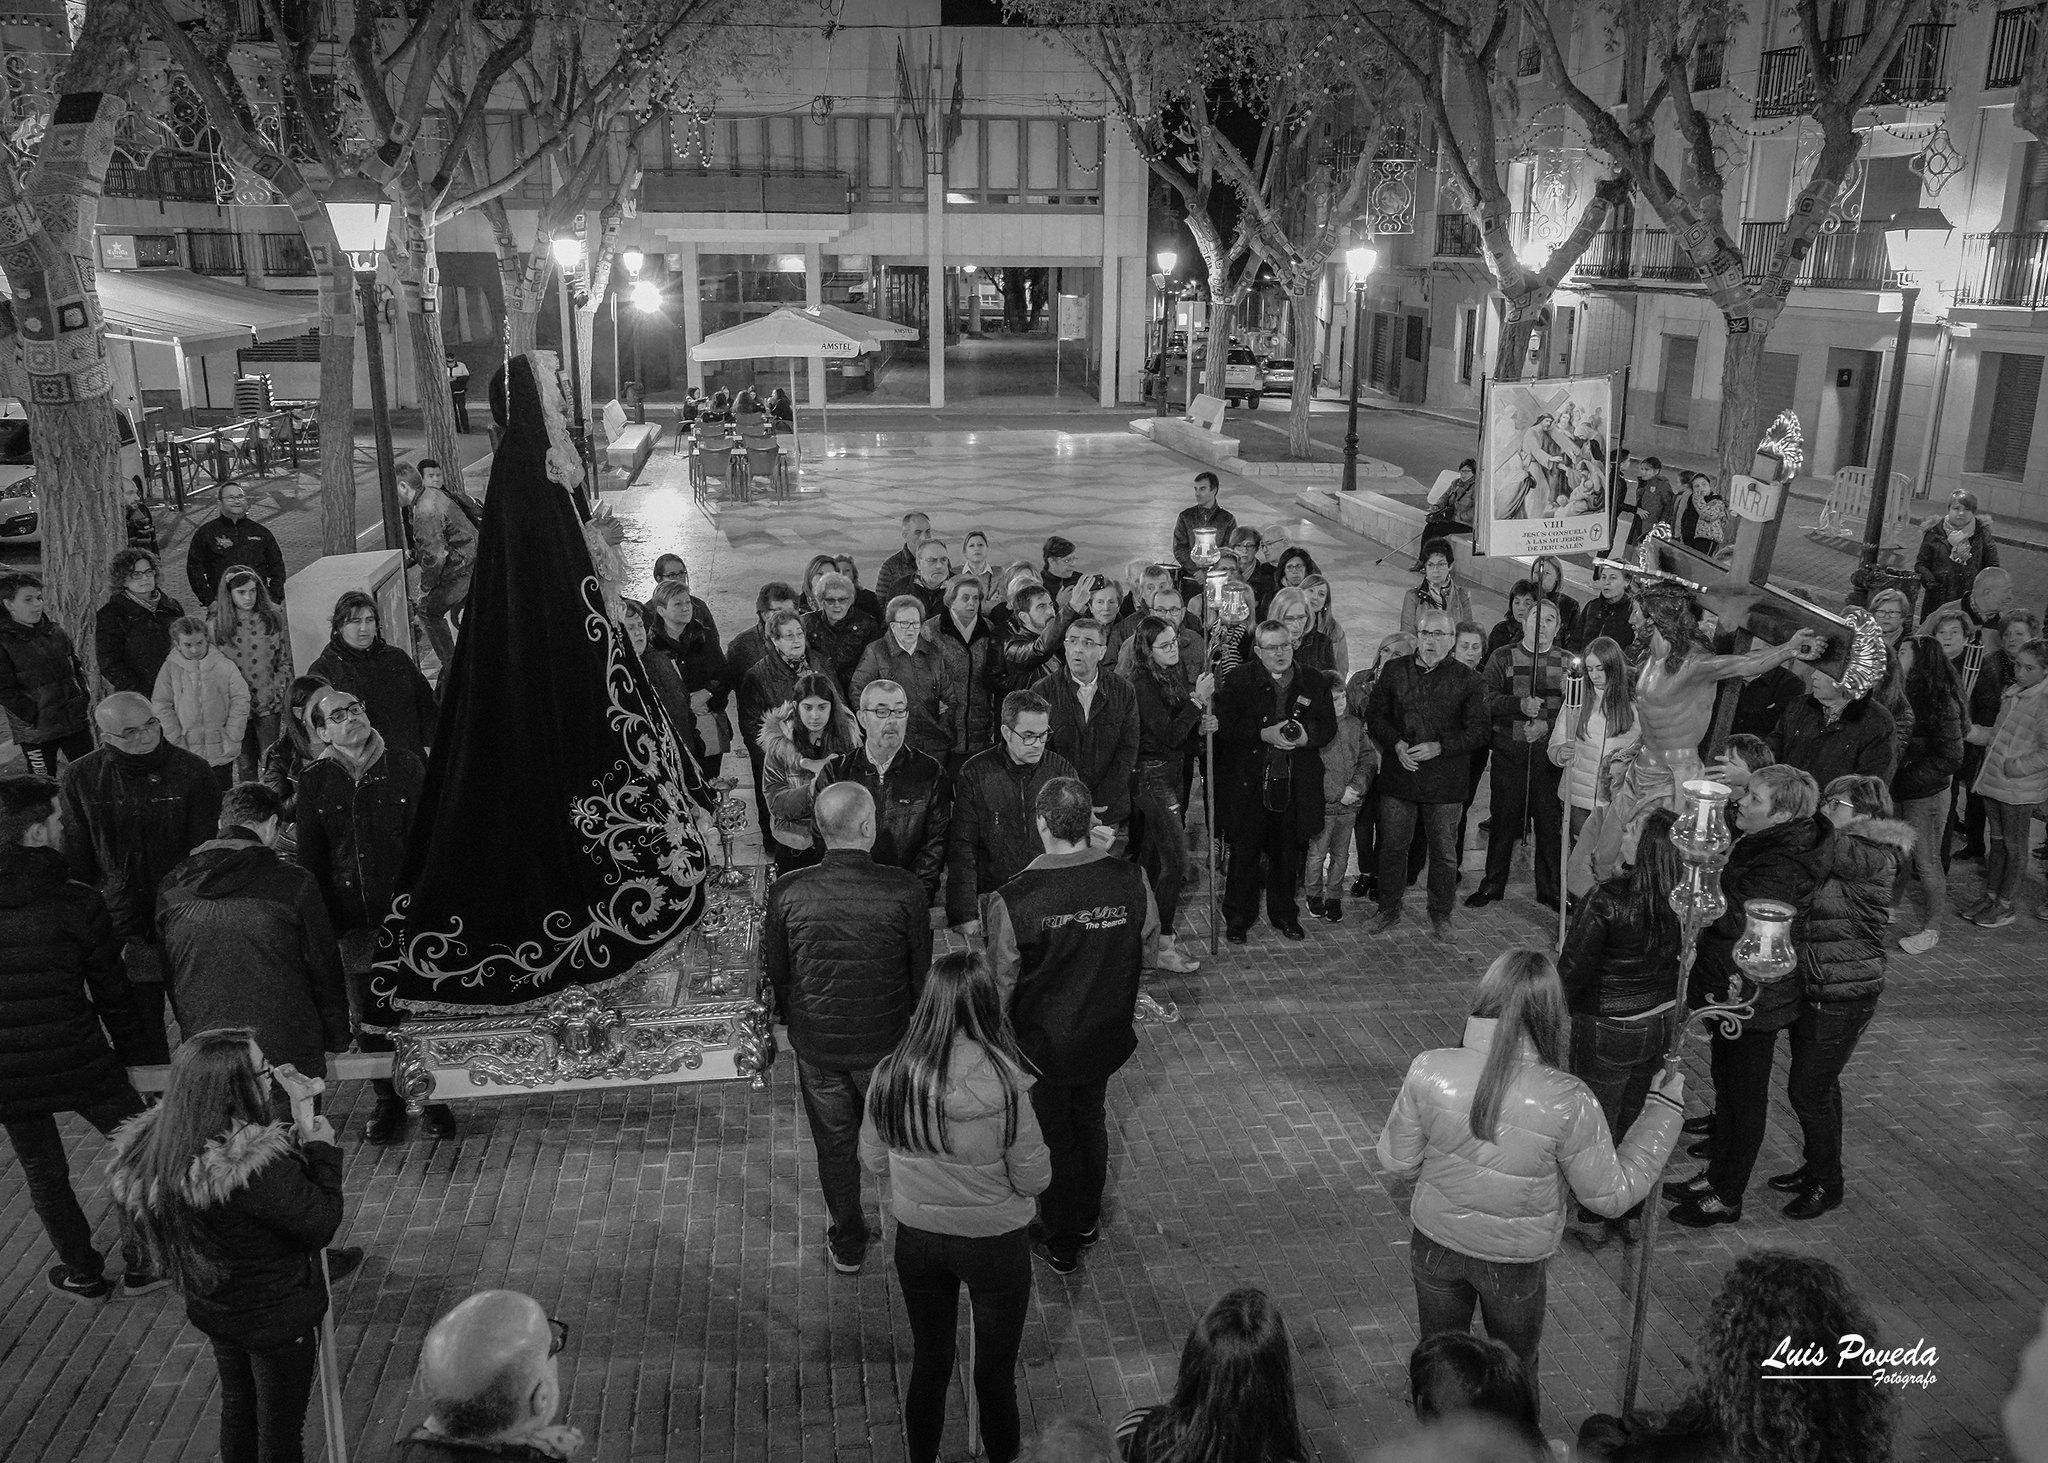 (2019-04-12) - X Vía Crucis nocturno - Luis Poveda Galiano (20)